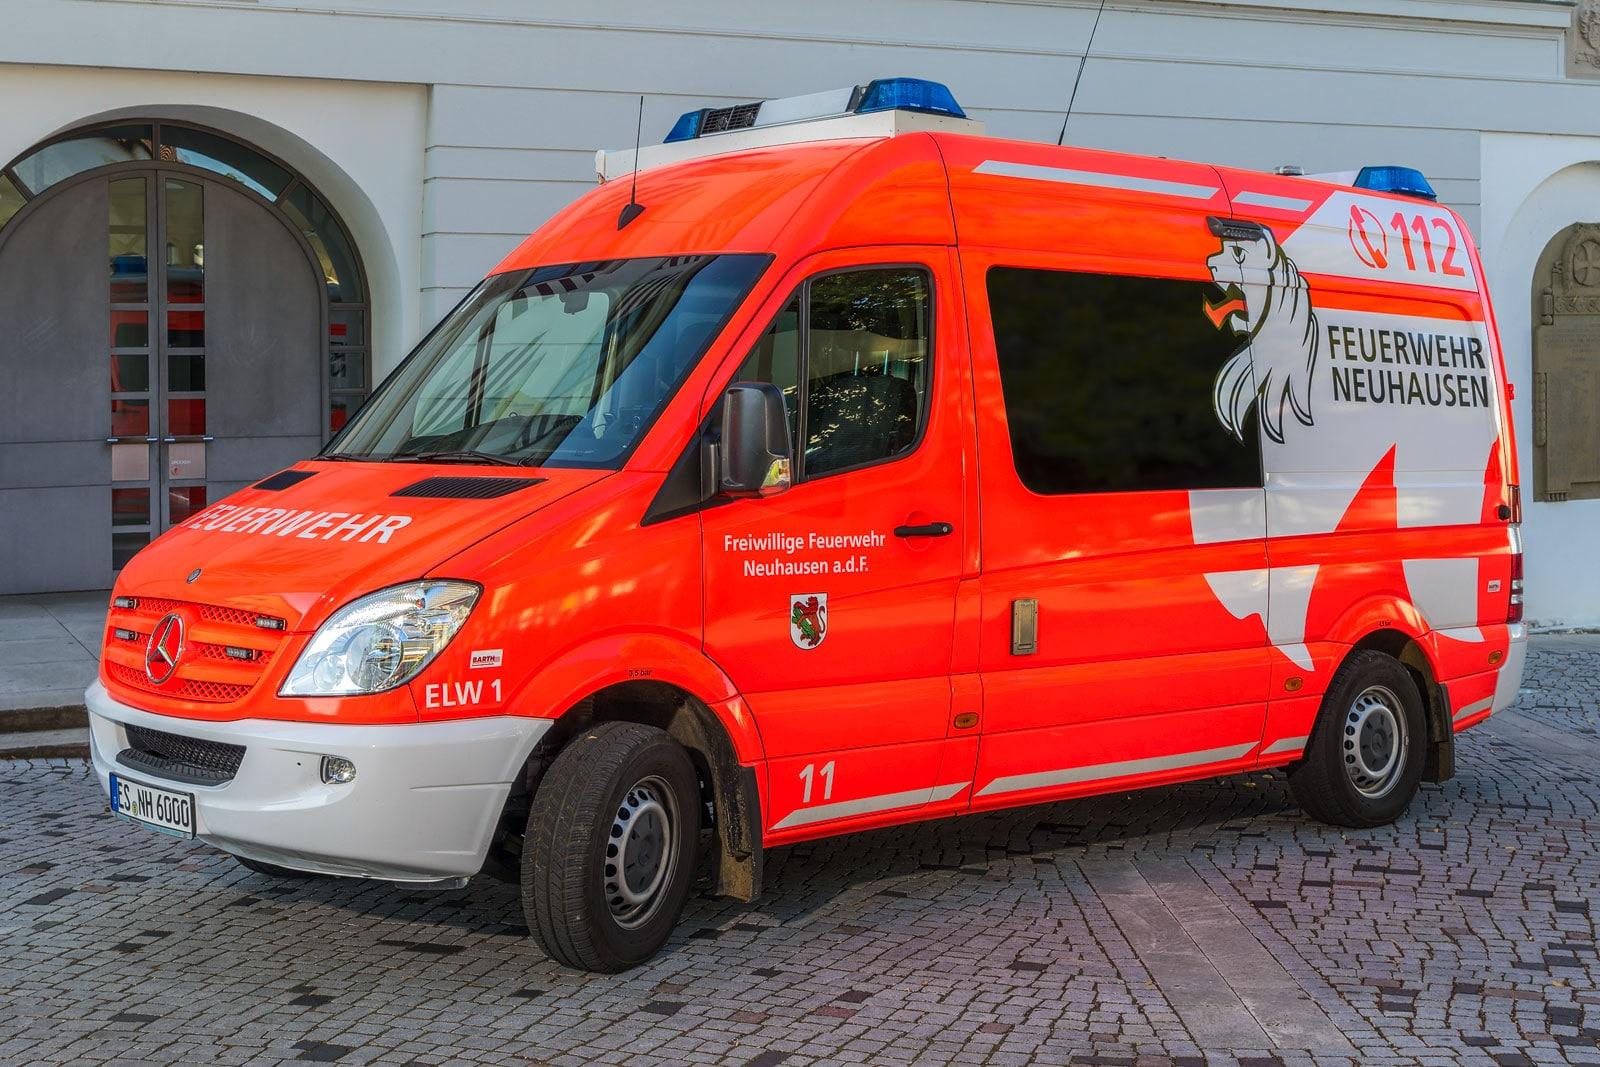 20150630_Feuerwehr-Fahrzeug-Shooting_0048-Bearbeitet